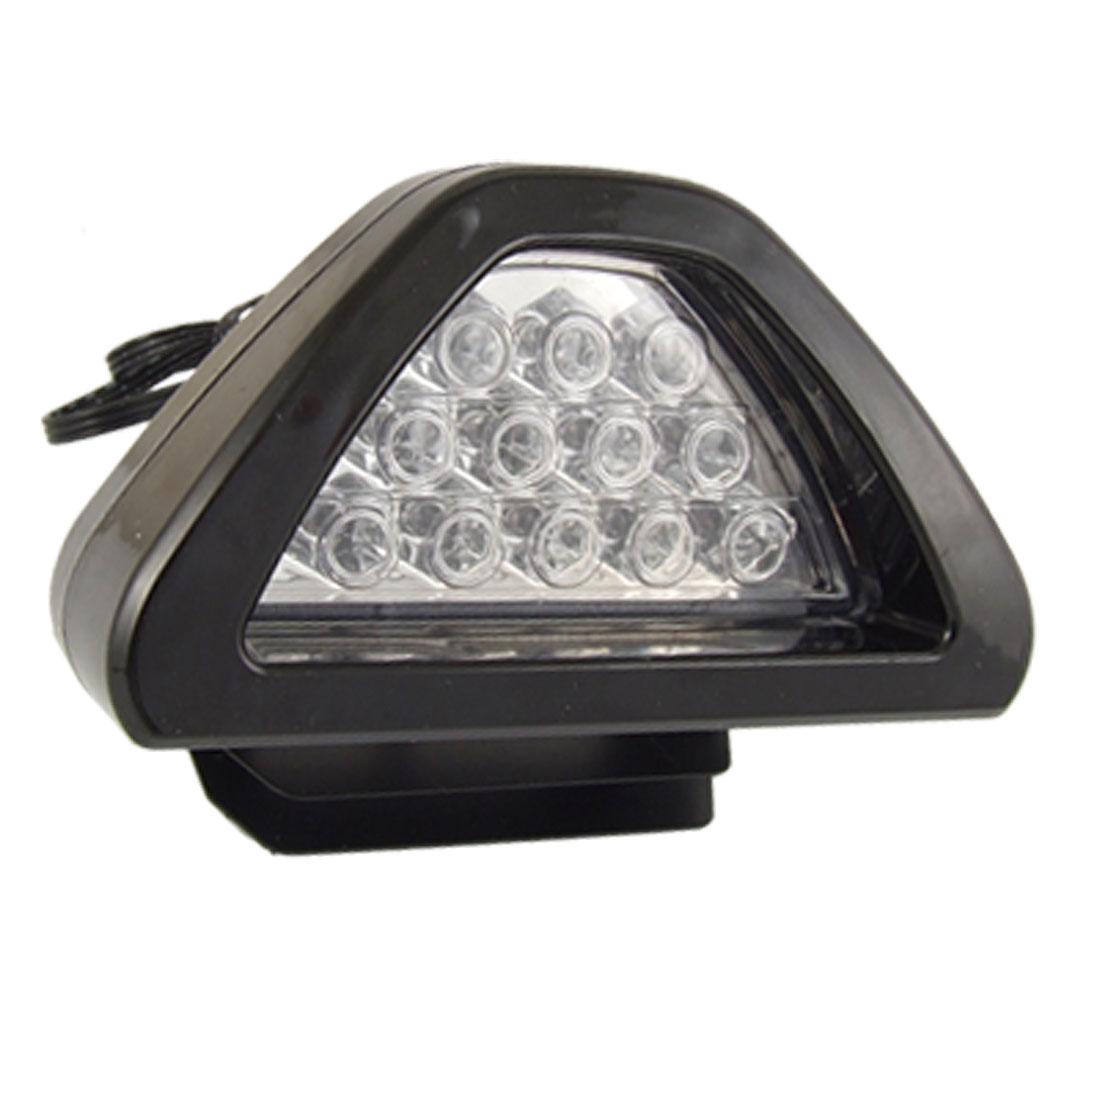 Vehicle Auto Car 12 Red LED Tail Rear Metal Brake Light Lamp DC 12V